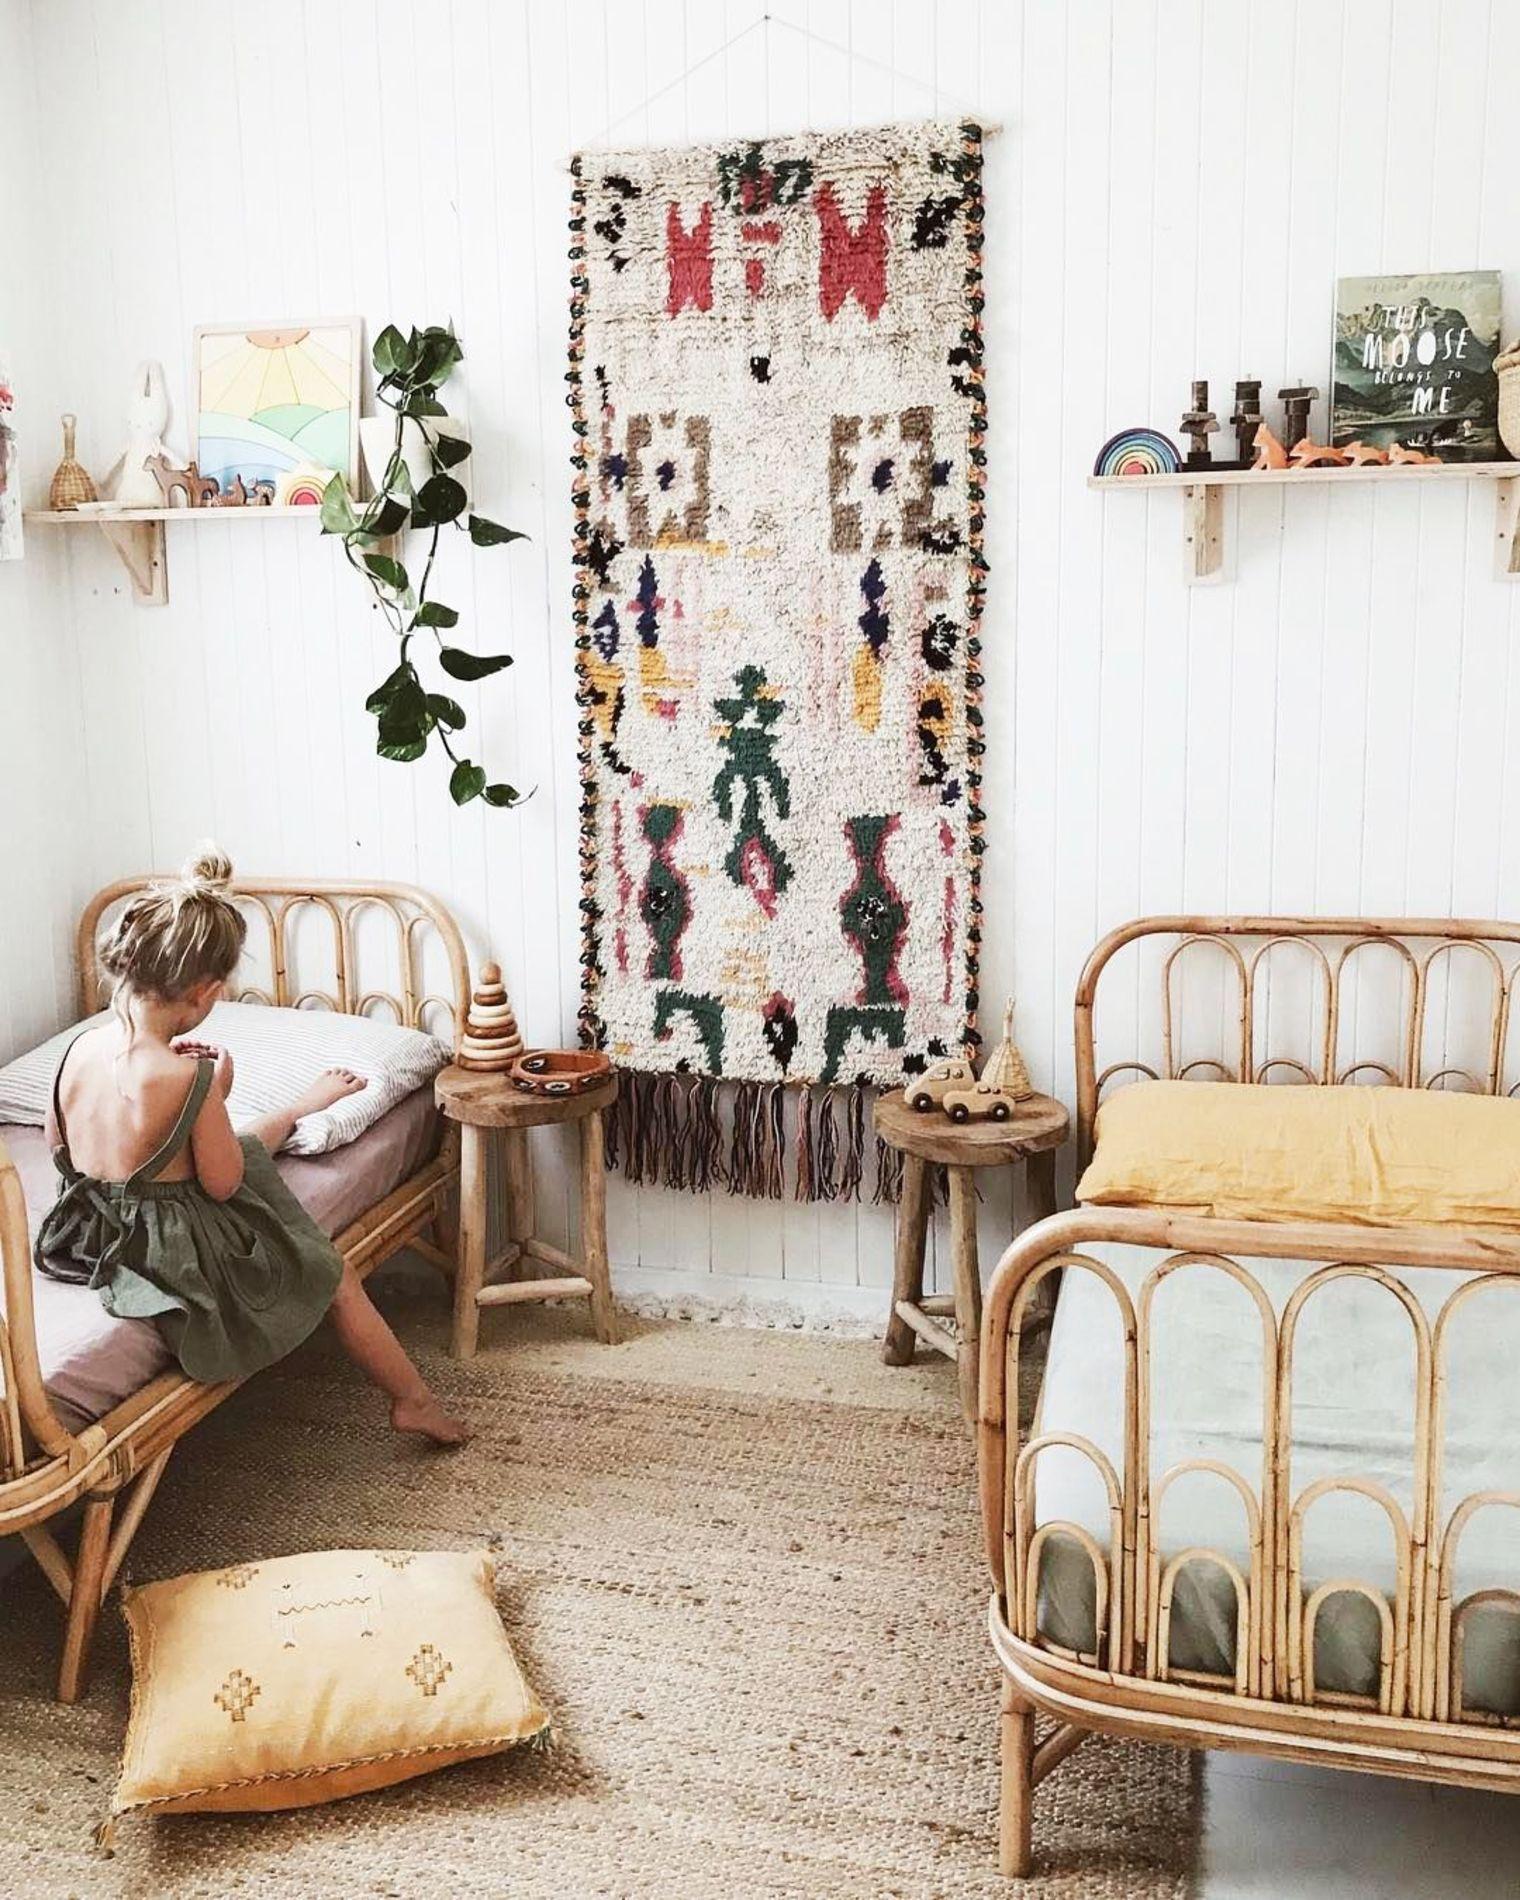 Déco Pinterest : tendances 2019 | Clarbec - M | Chambre ...